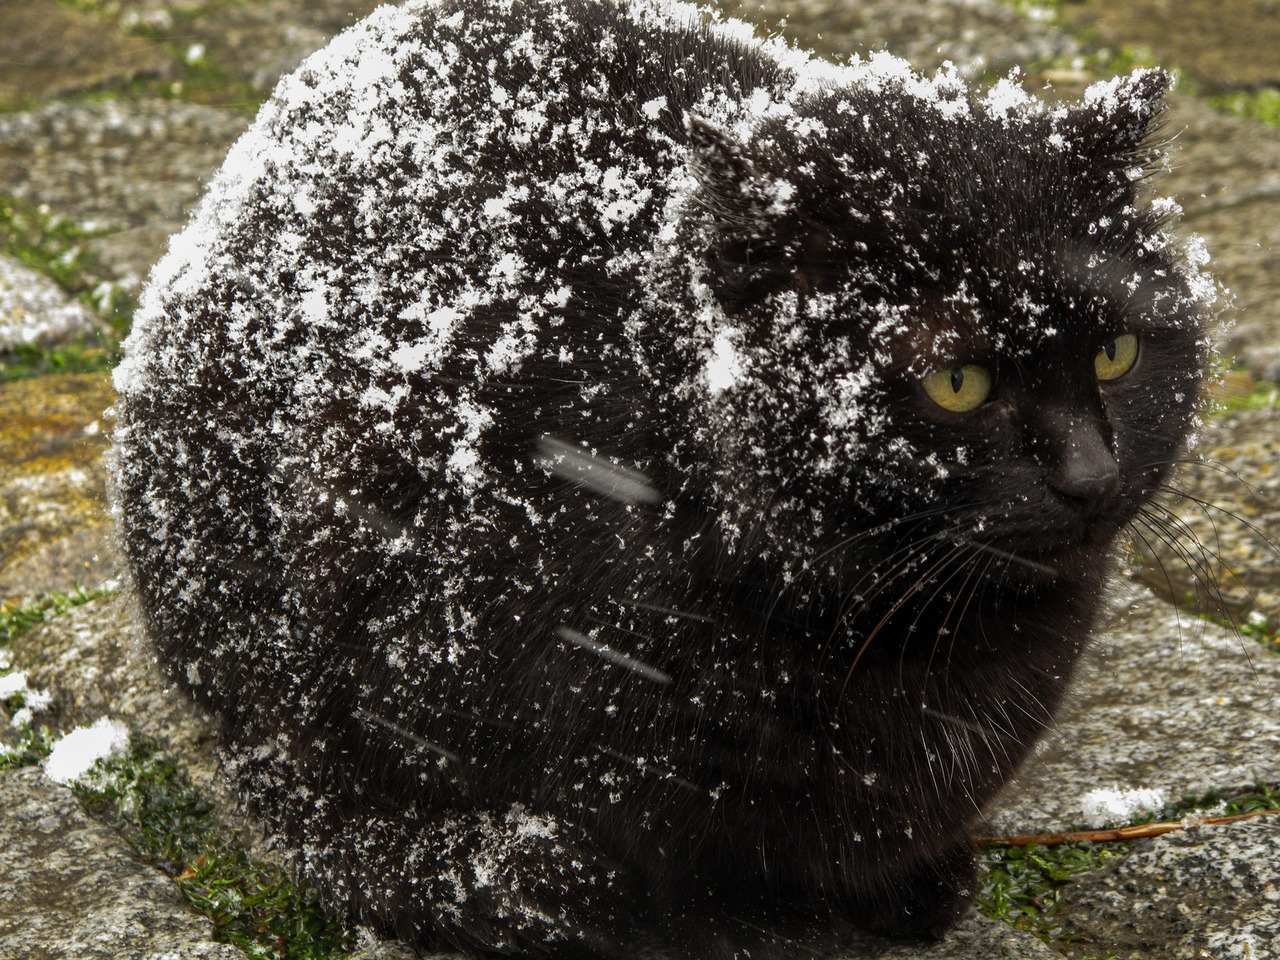 Fullsize Of Cat Has Dandruff